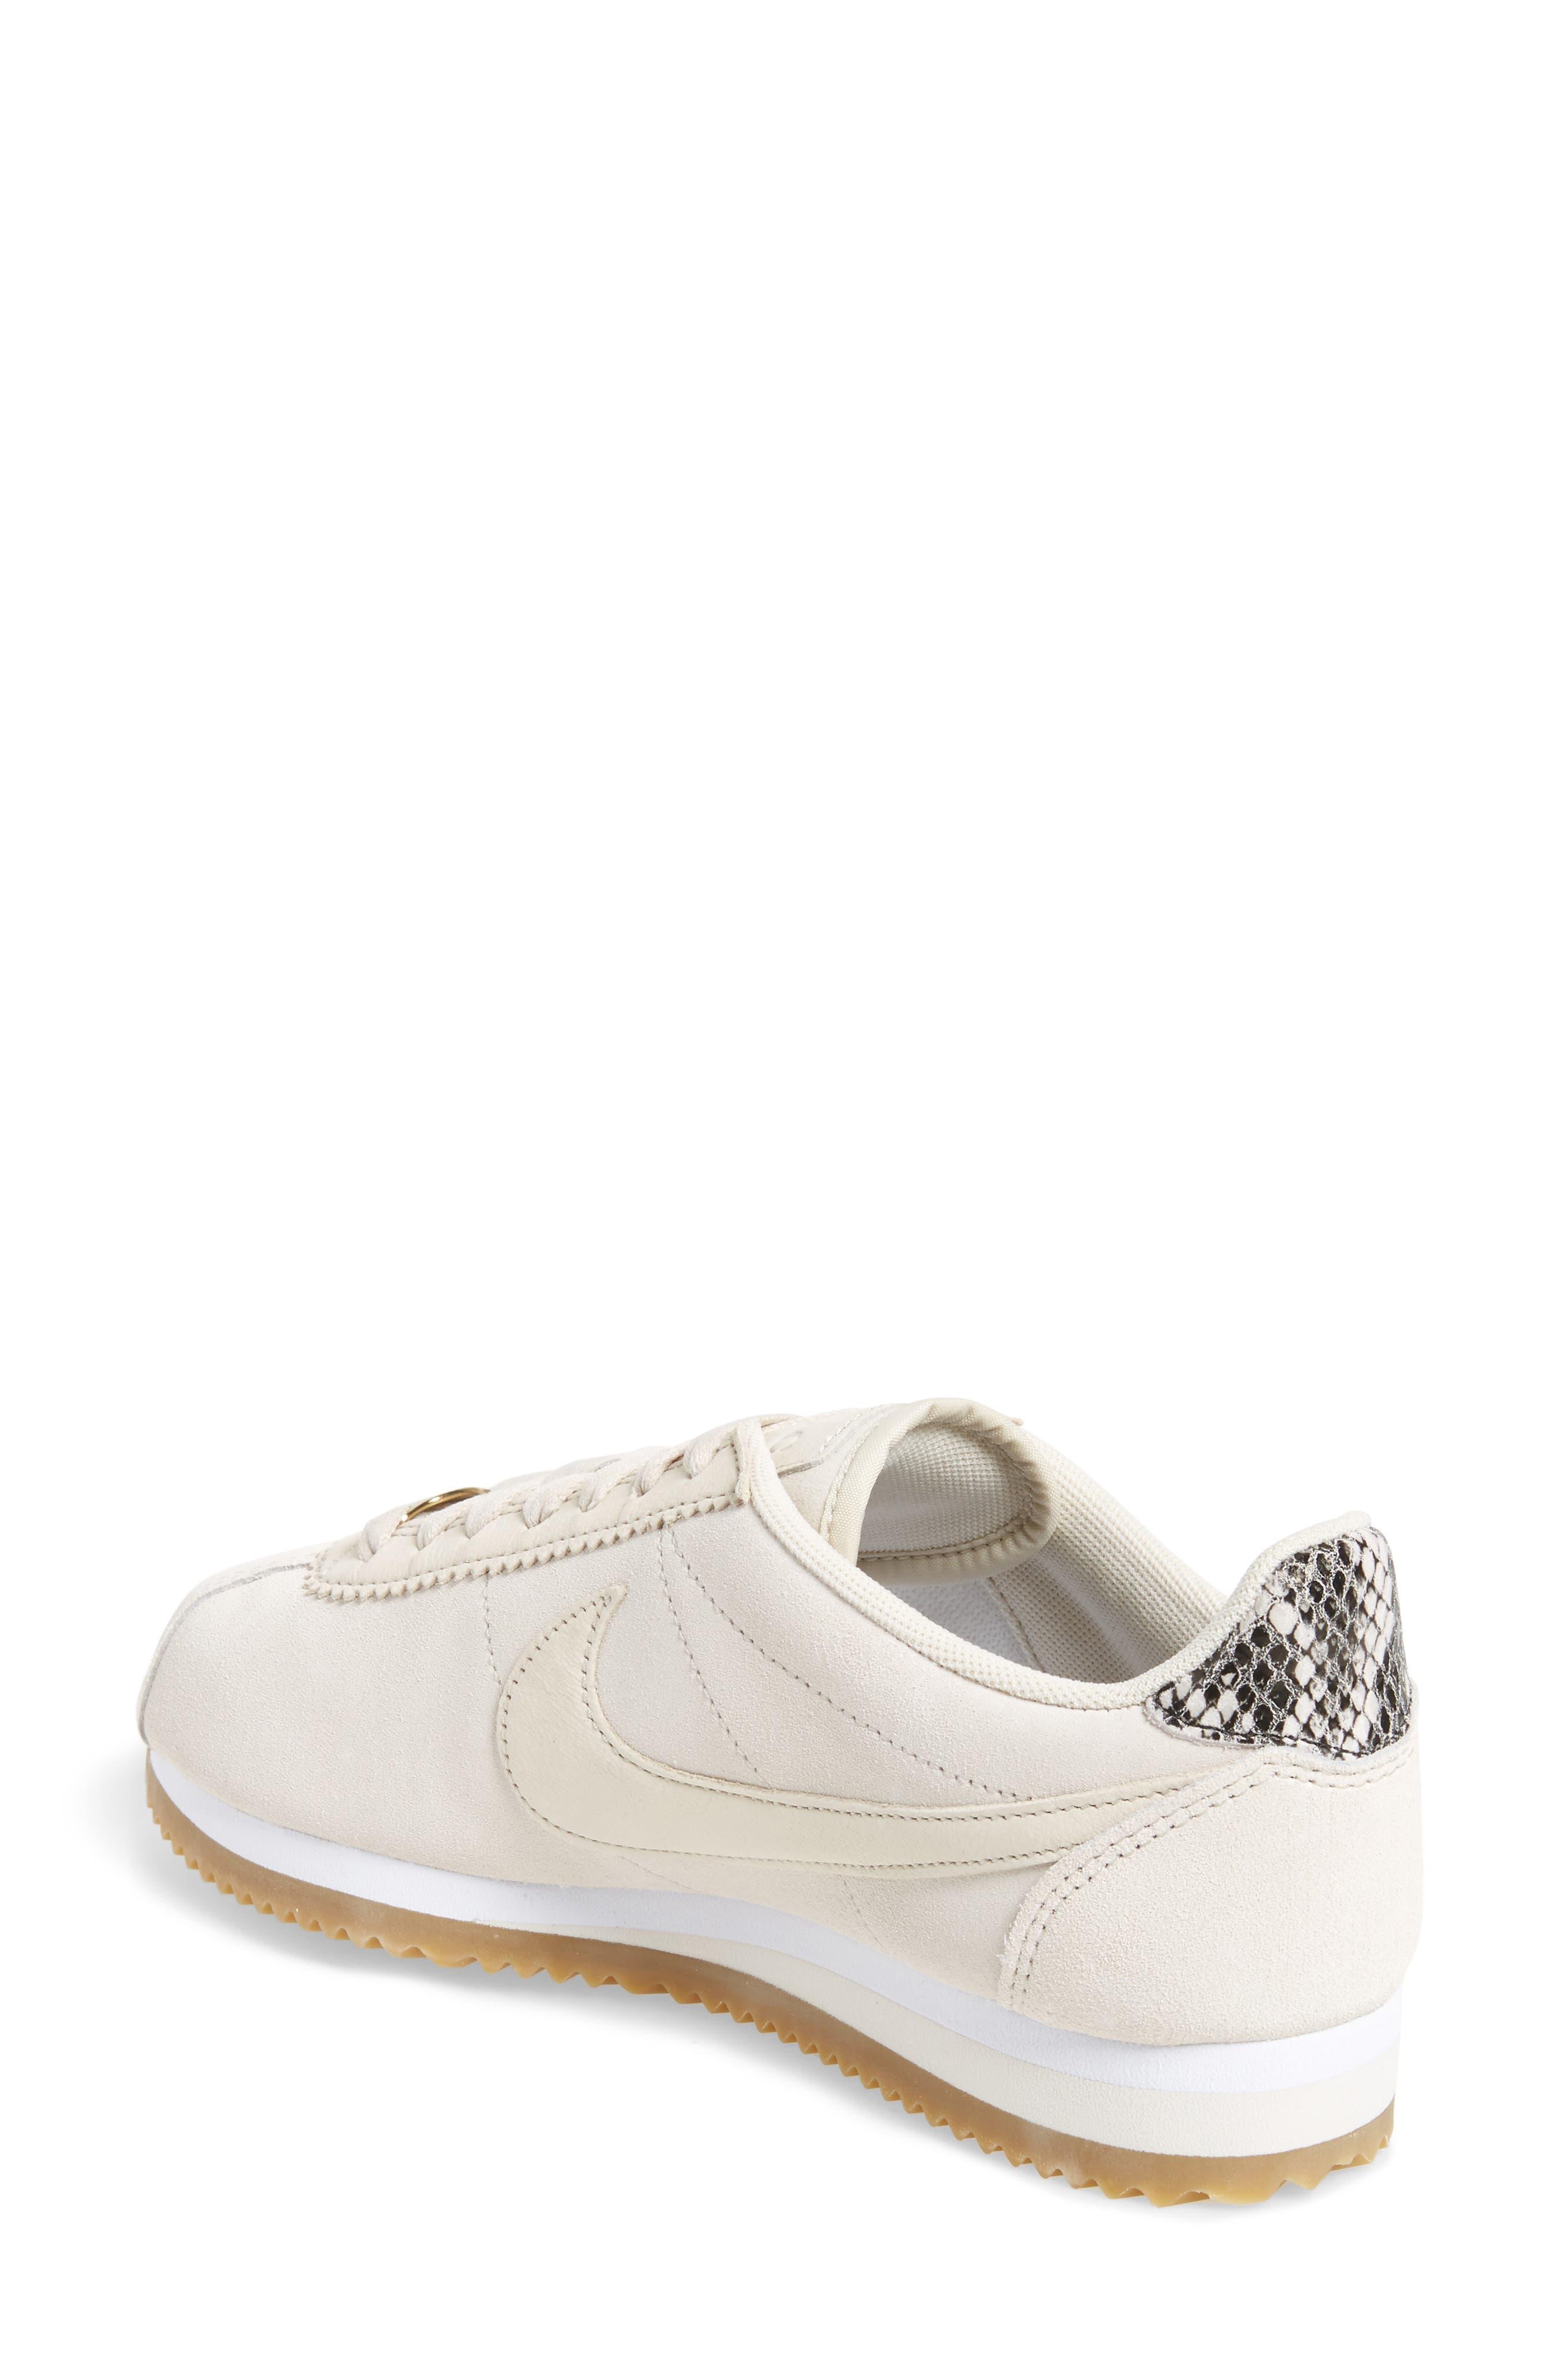 x A.L.C. Classic Cortez Sneaker,                             Alternate thumbnail 8, color,